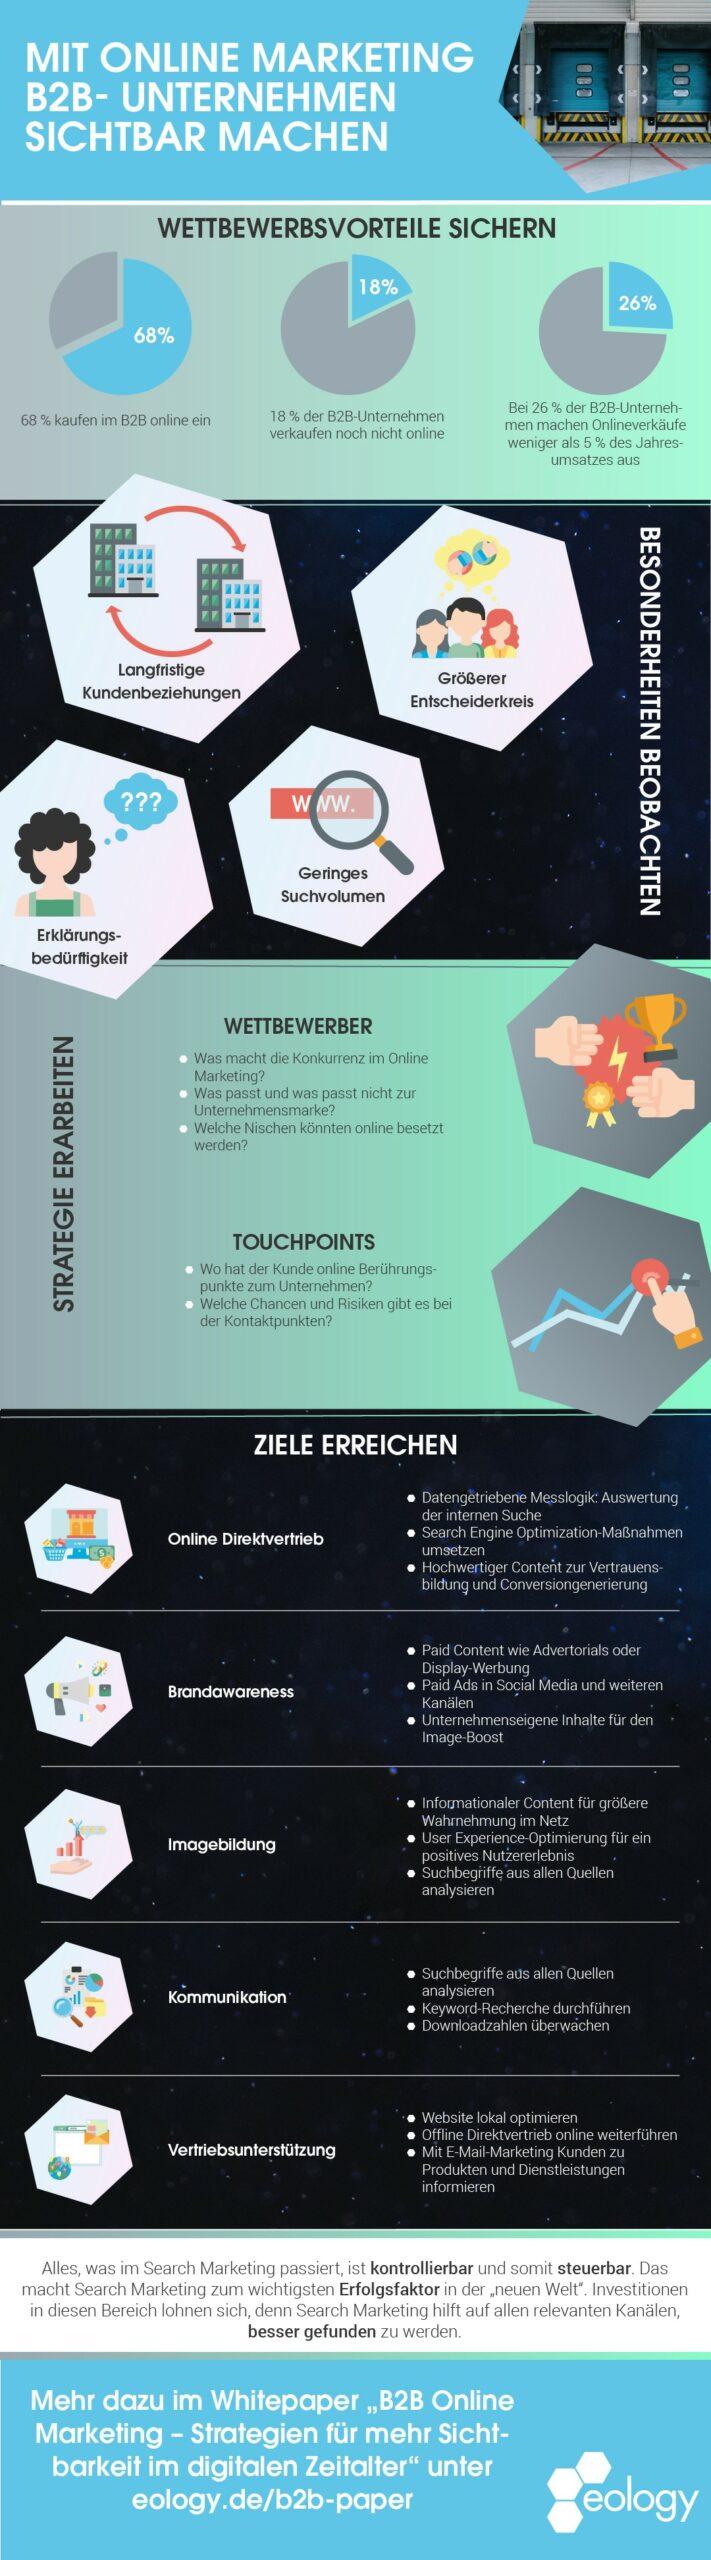 Infografik - B2B-Unternehmen mit Online Marketing zu mehr Sichtbarkeit verhelfen